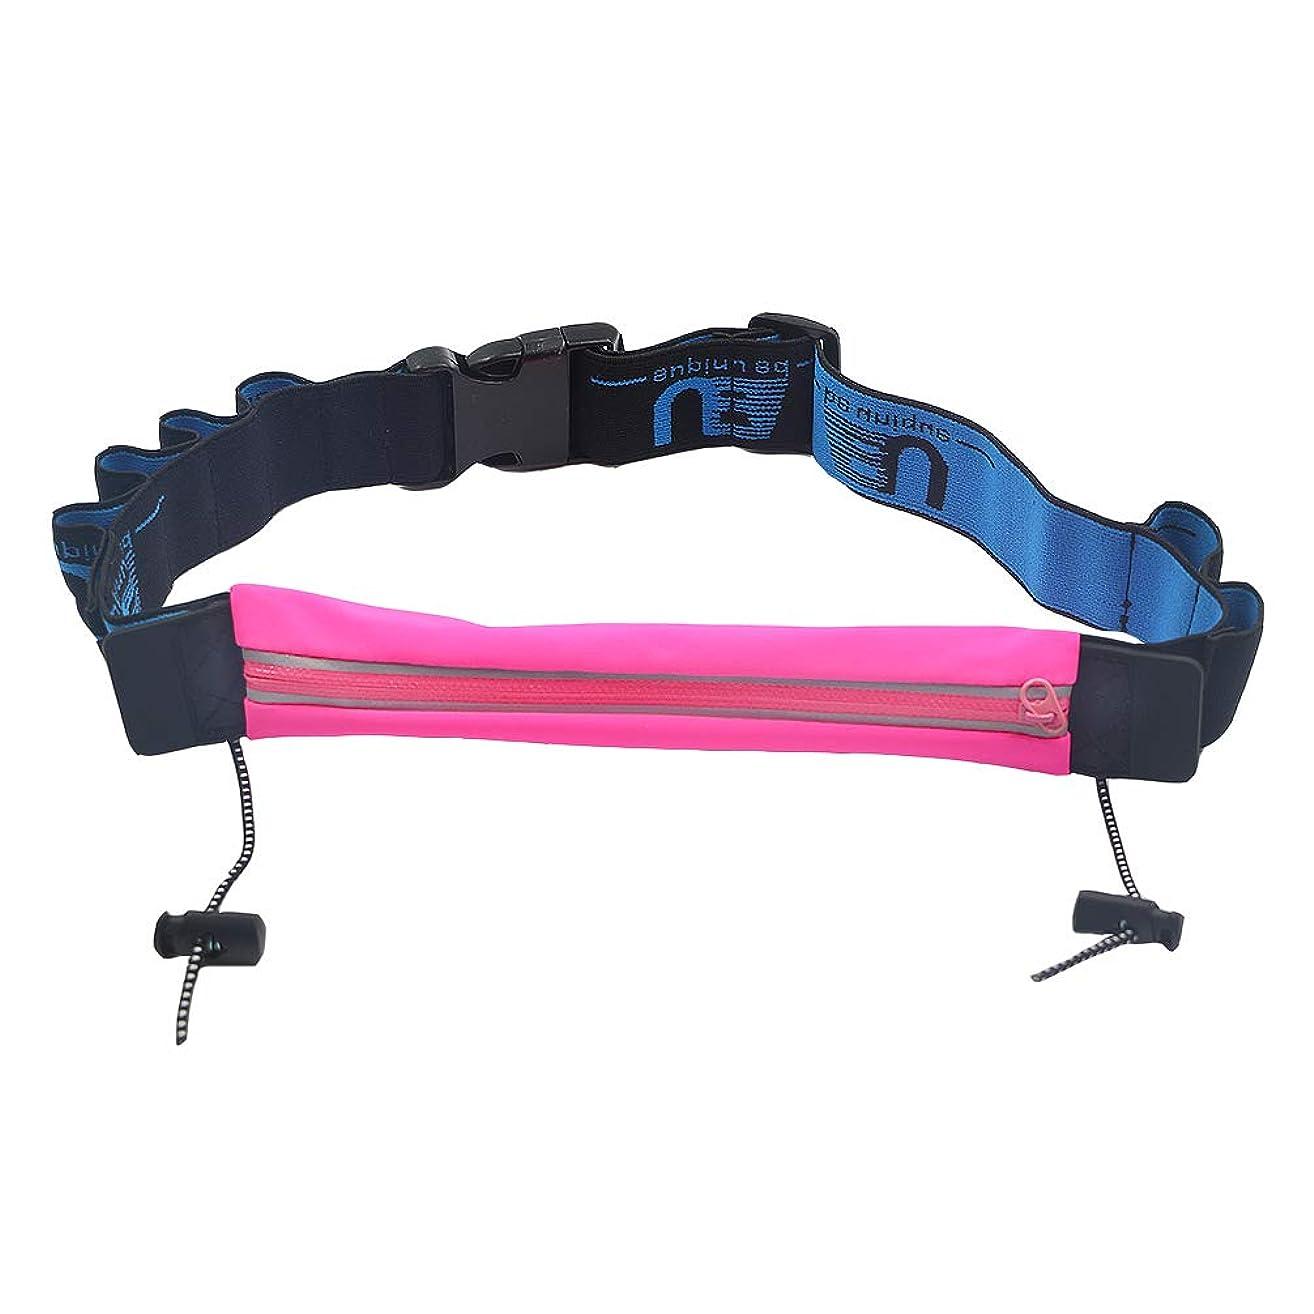 Luwint Marathon Waist Bag Race Belt – Waterproof Running Number Waistband for Men Women Youth